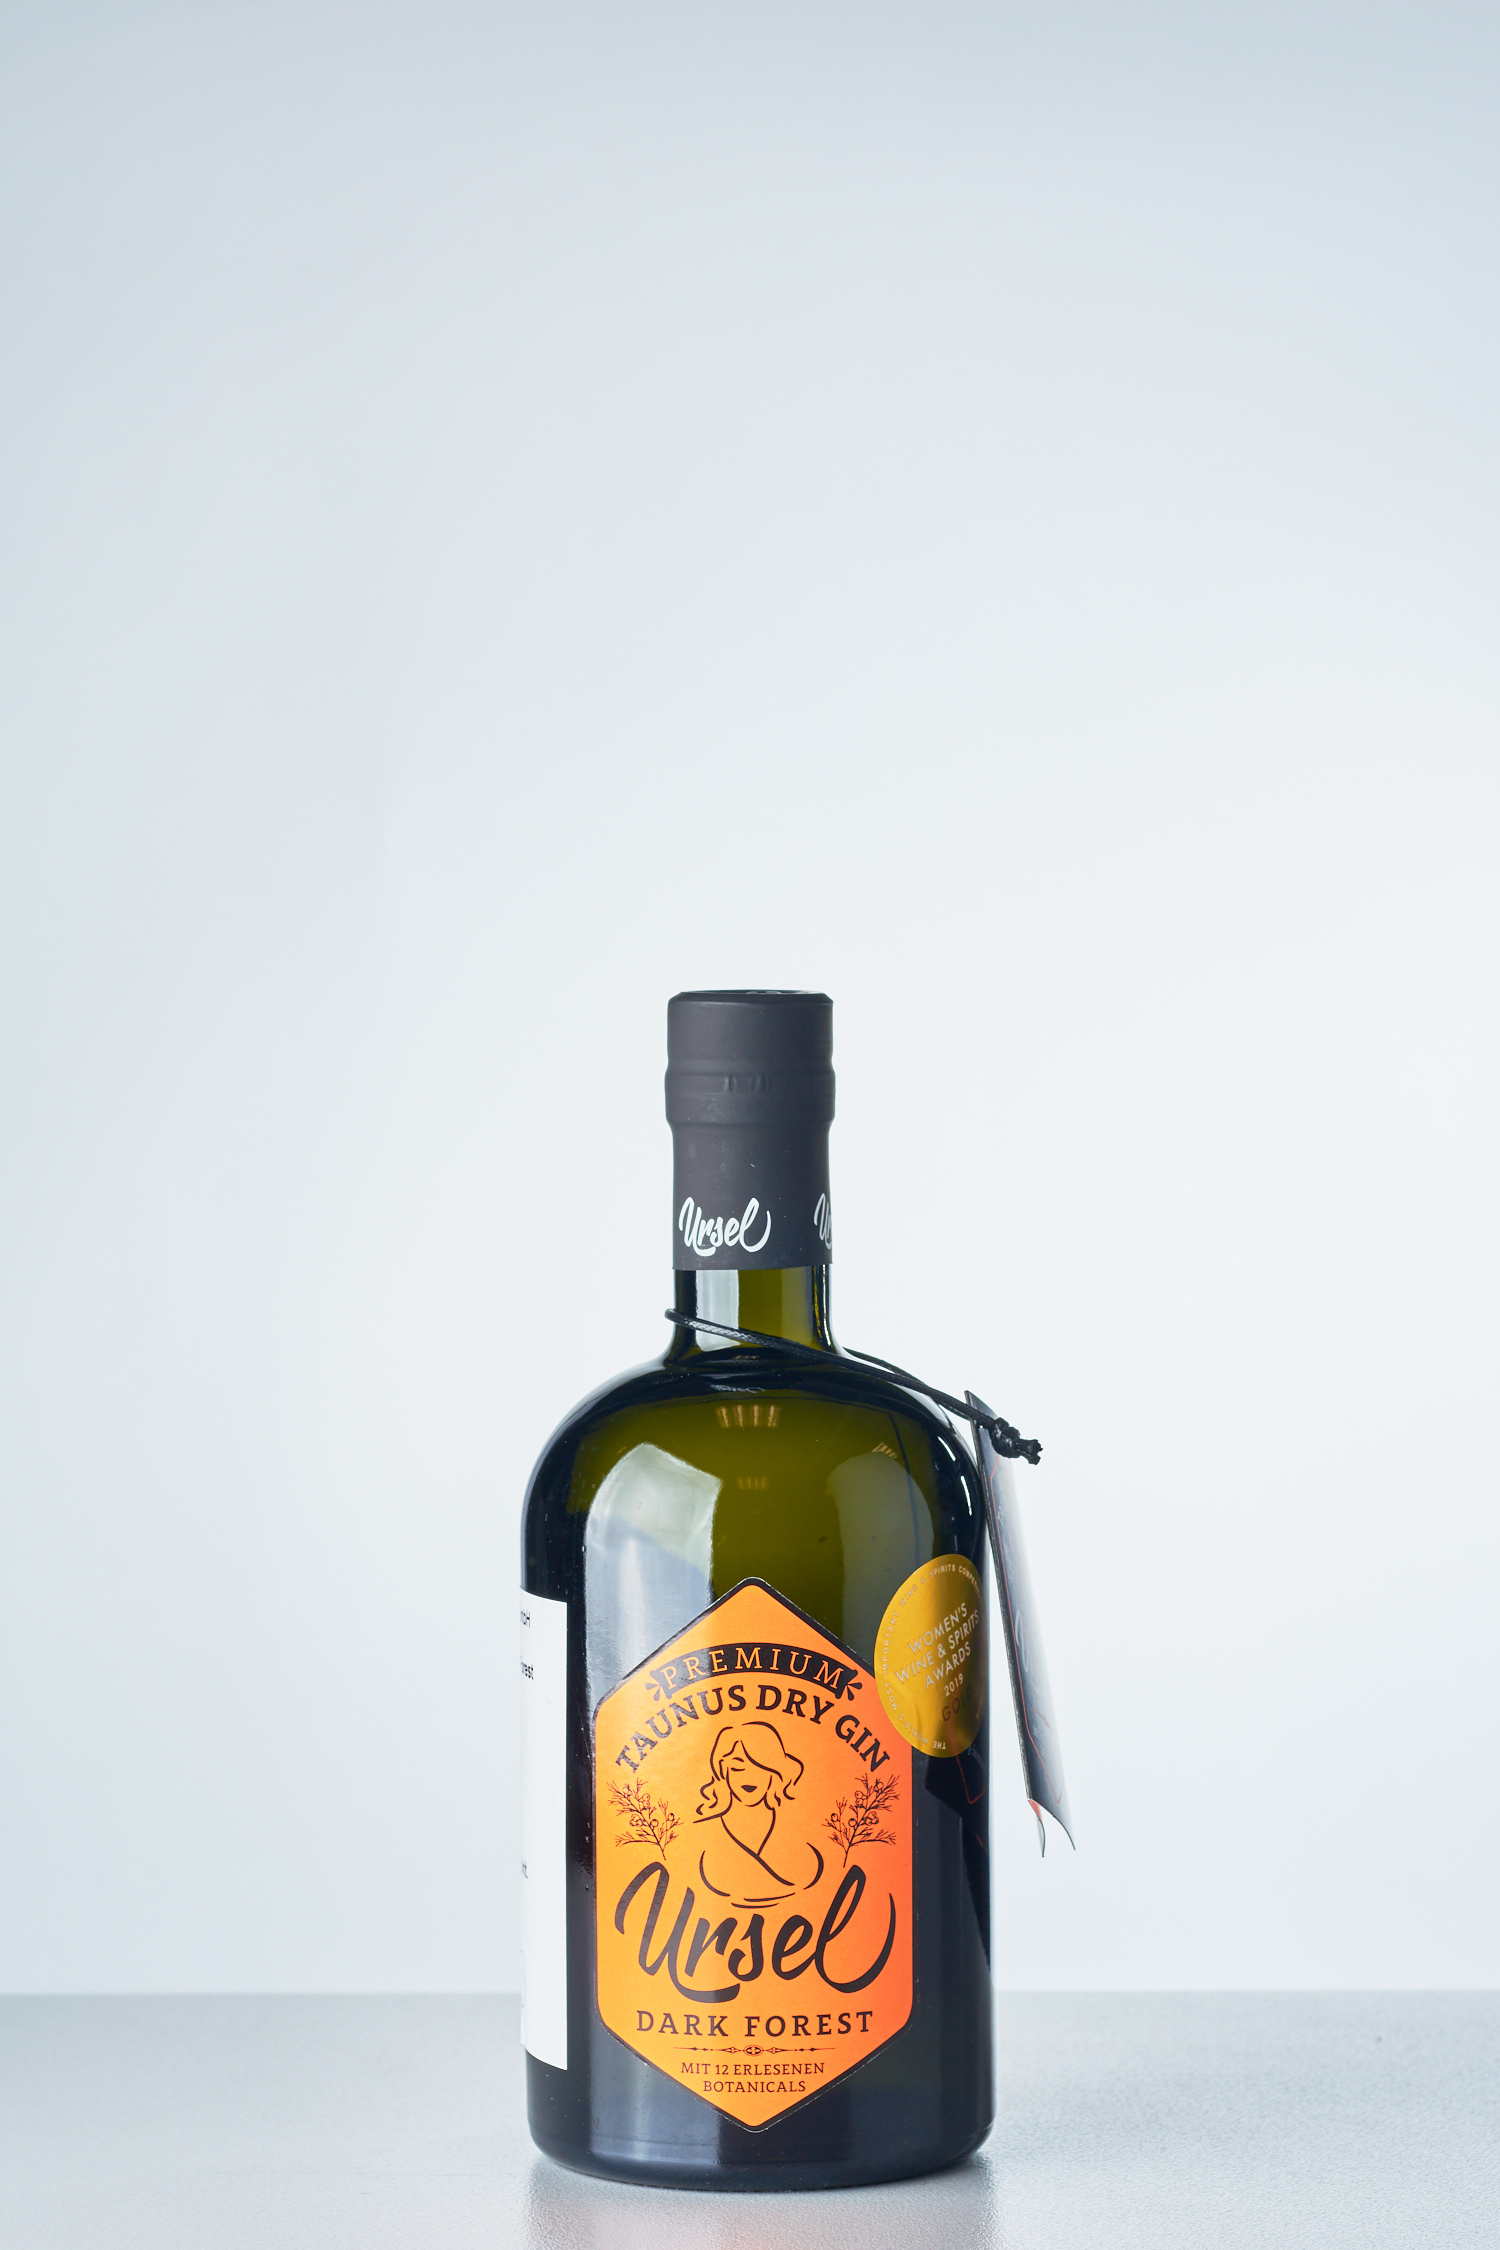 Taunus-Gin GmbH - Ursel - Dark Forest